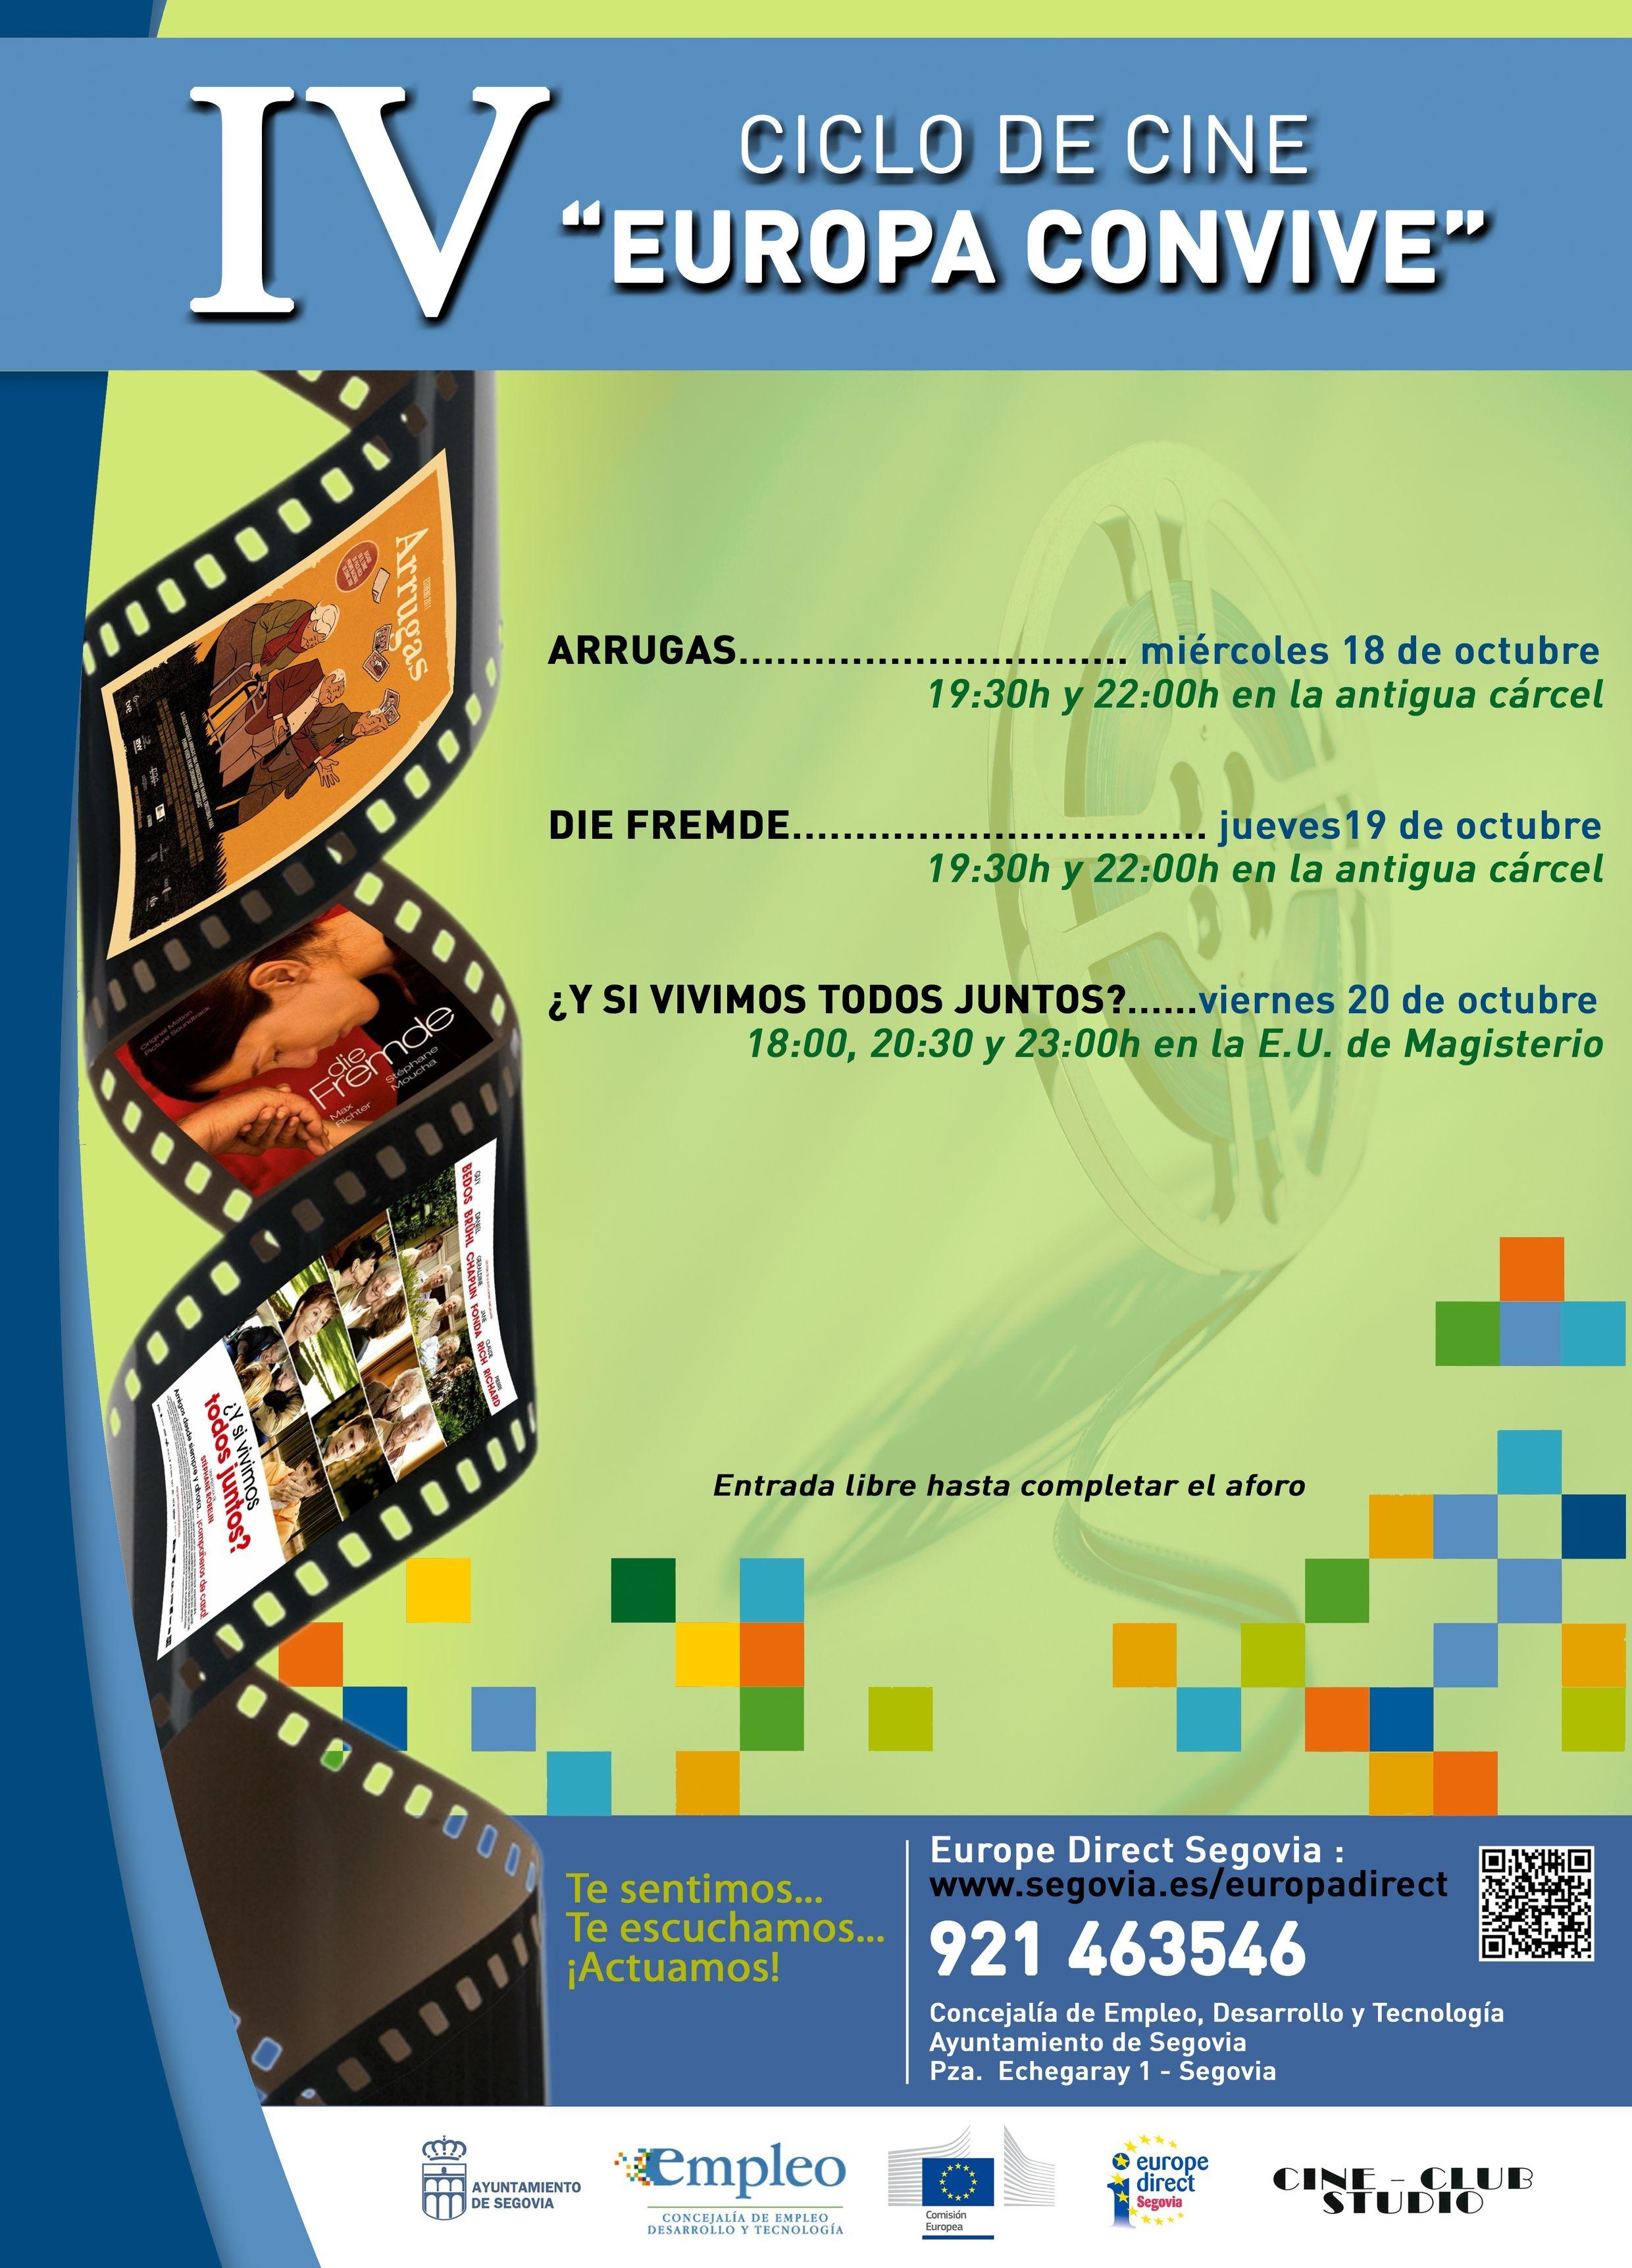 Valores de convivencia a trav s del cine en la c rcel 17 for Oficina de empleo de segovia